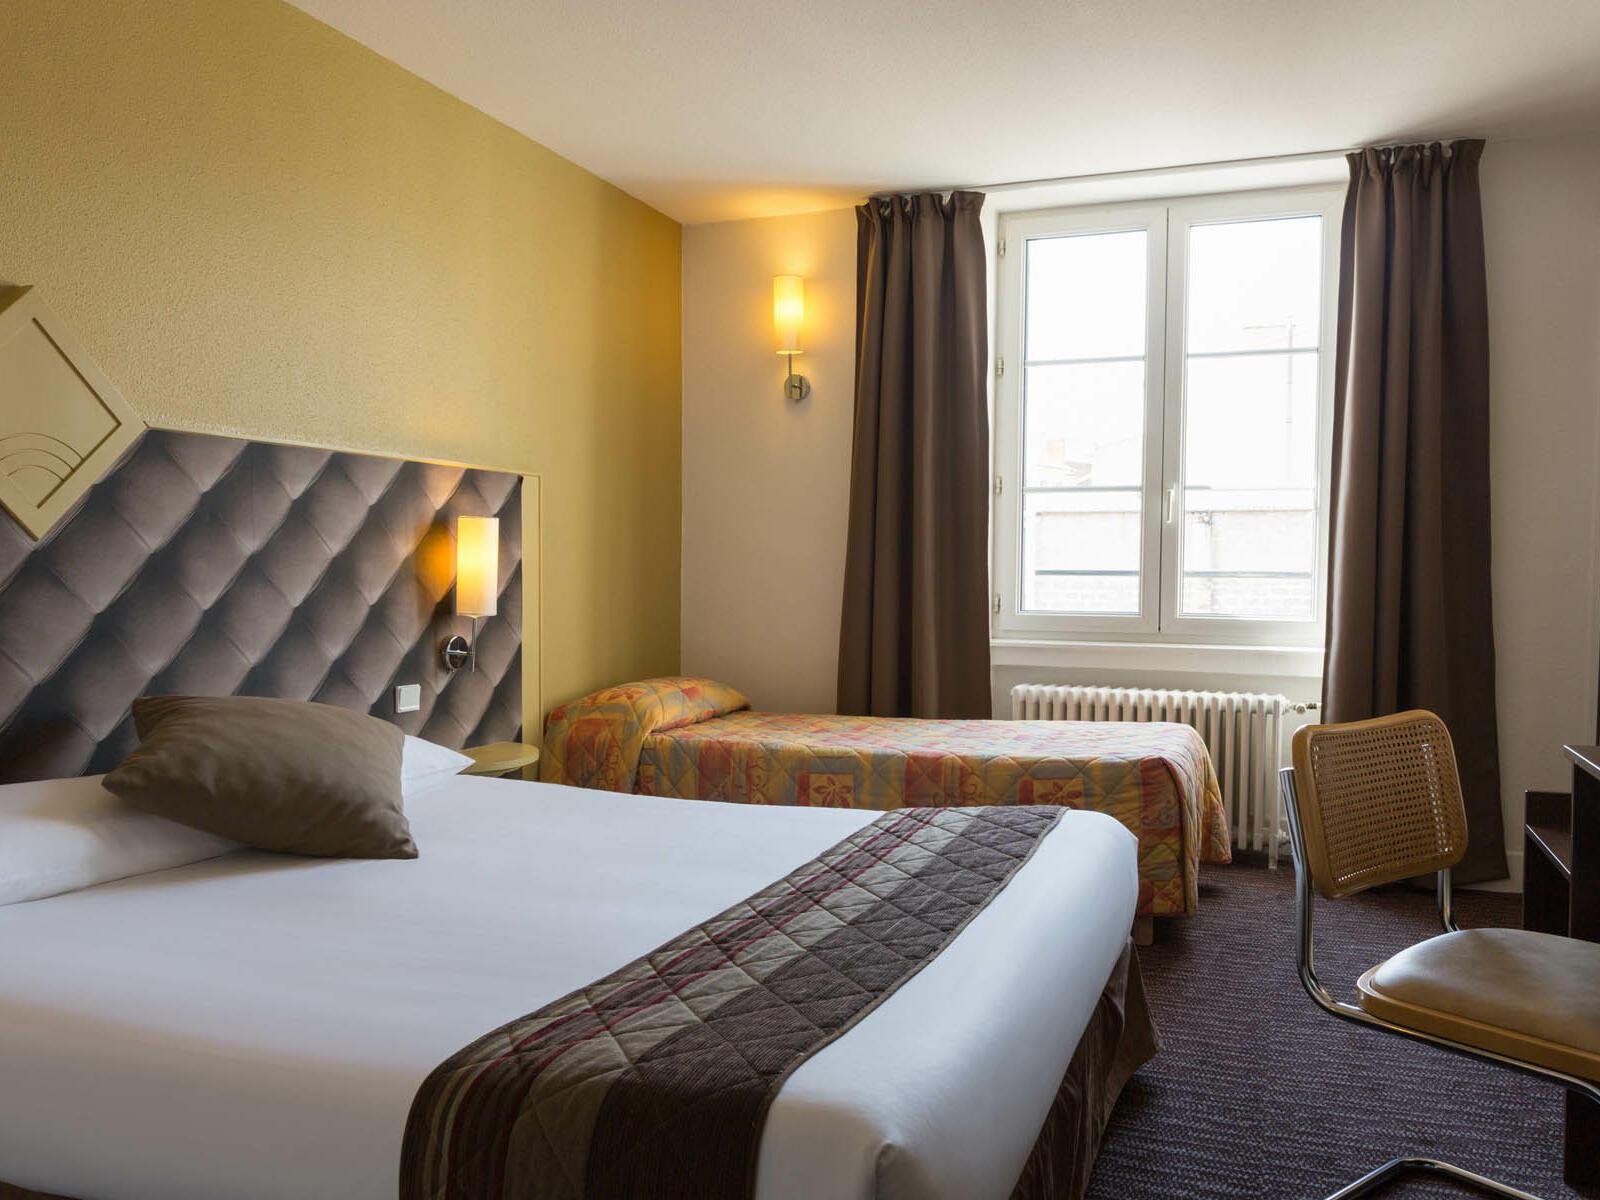 Chambre privilège - Hôtel Bristol Le Puy en Velay